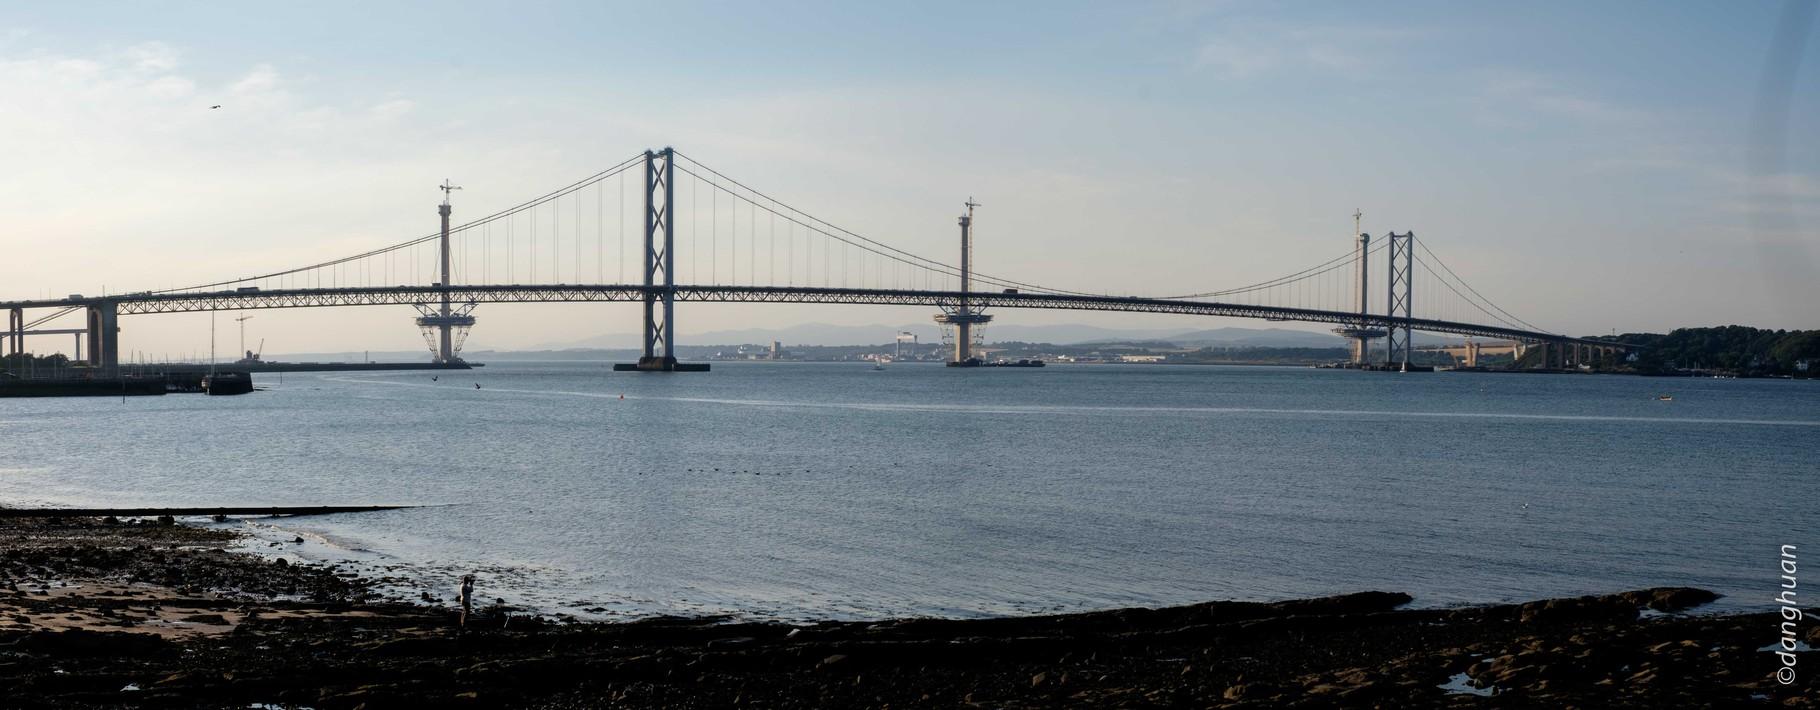 Pont en face de Foth bridge